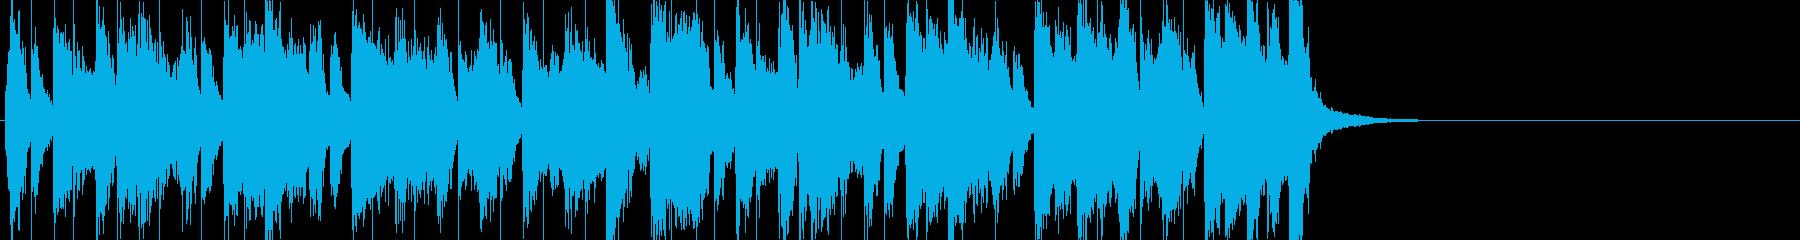 明るく元気でわくわくするジングル_入退場の再生済みの波形